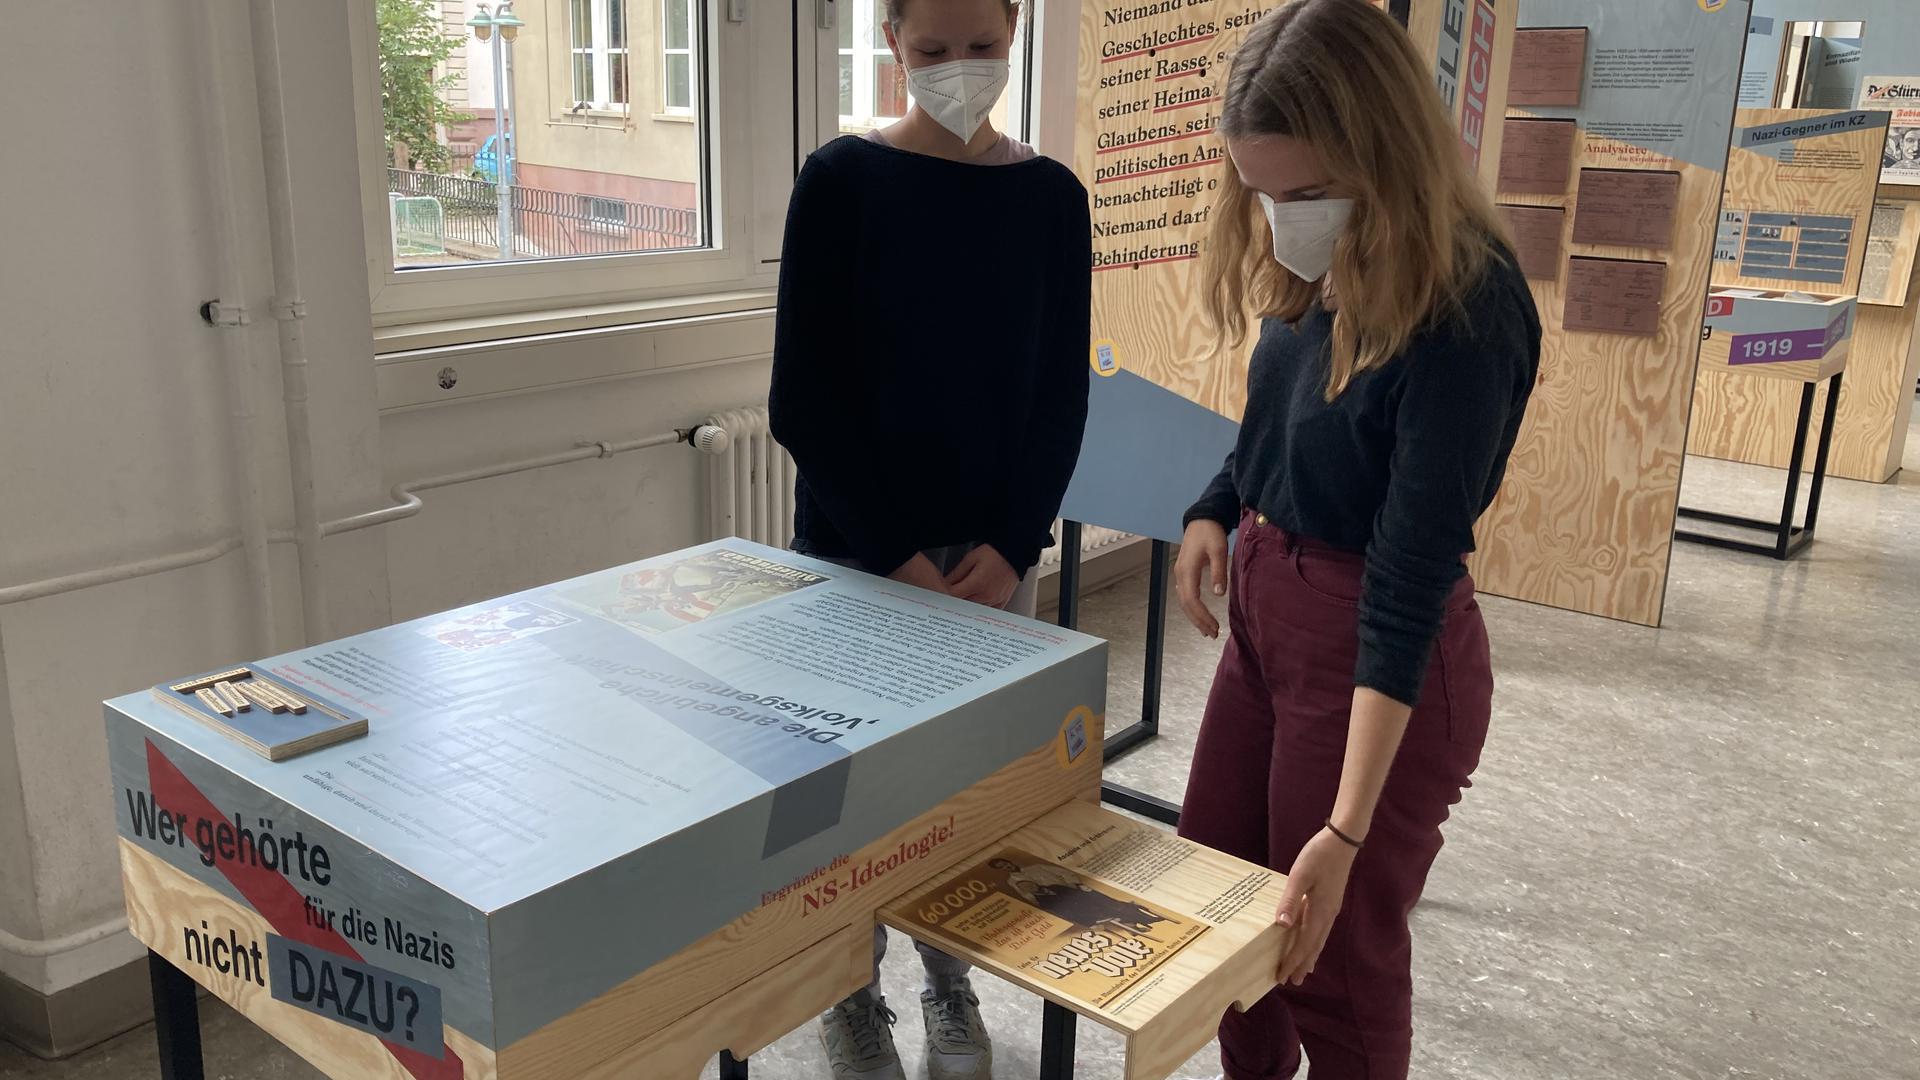 Die Peer-Guides Mathea Nägeli (links) und Laura Pastal zeigen eine Station des mobilen Geschichtslabors.